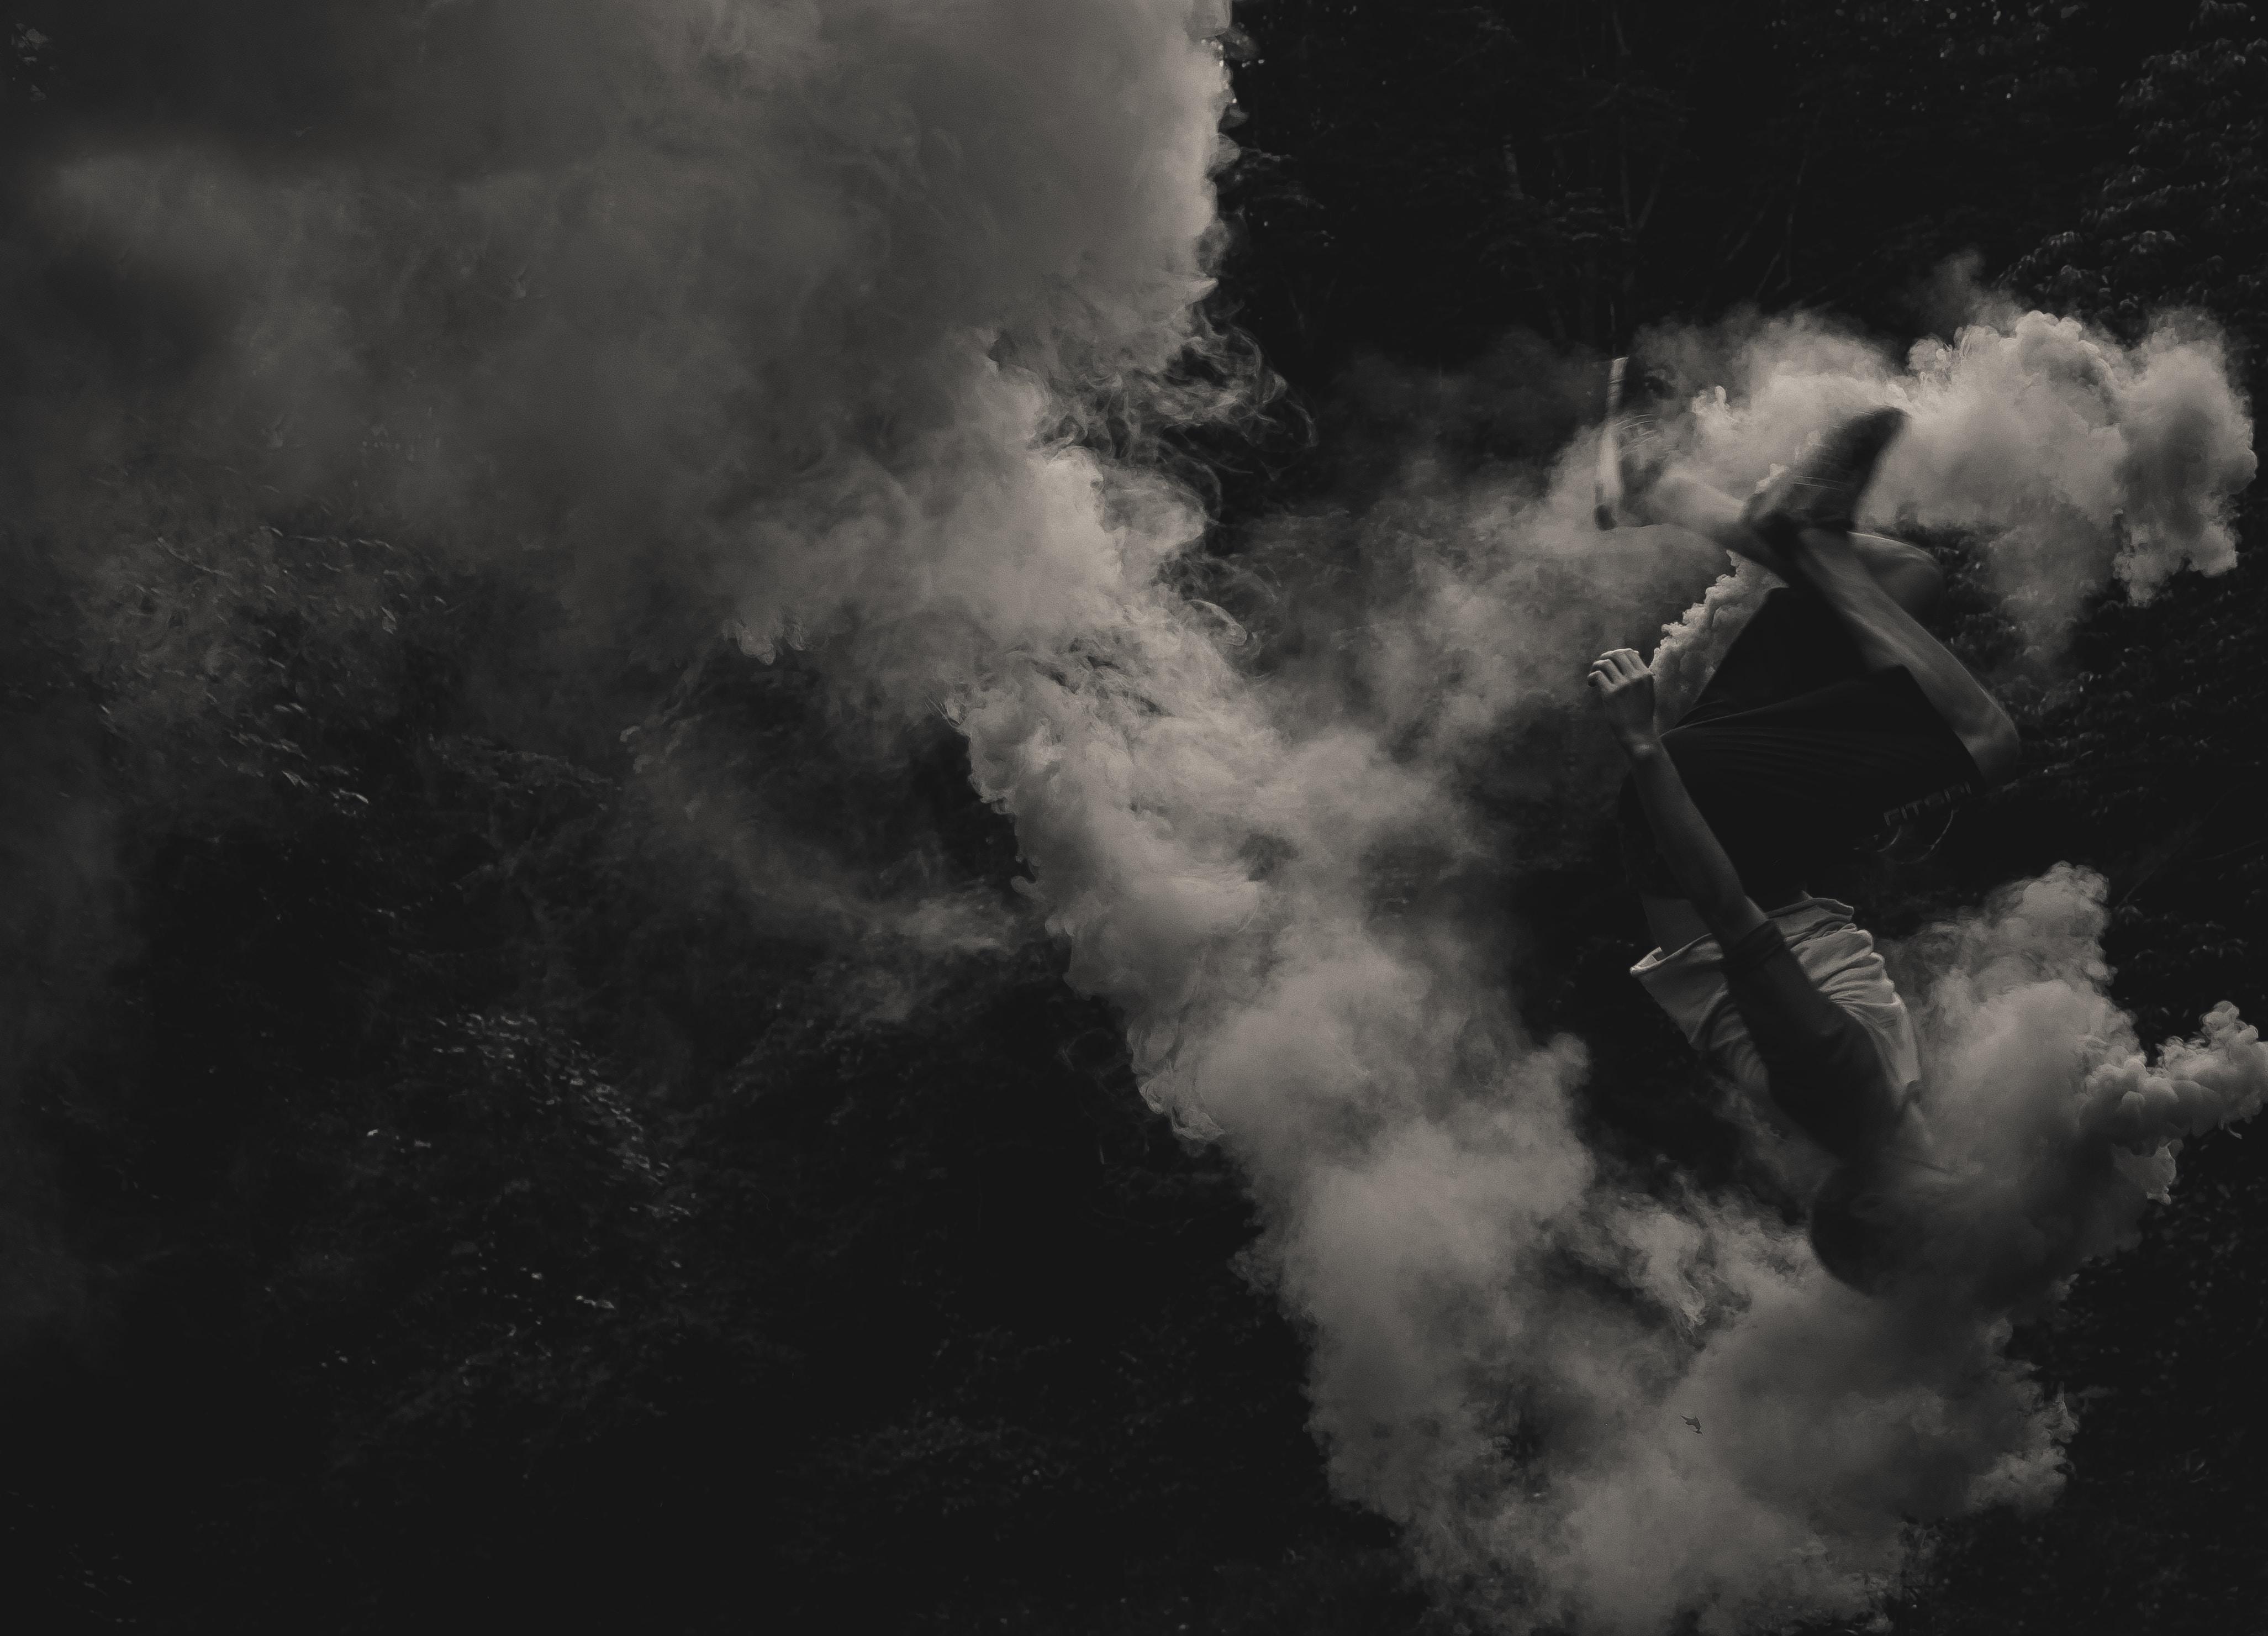 A person doing a backflip through a cloud of smoke.